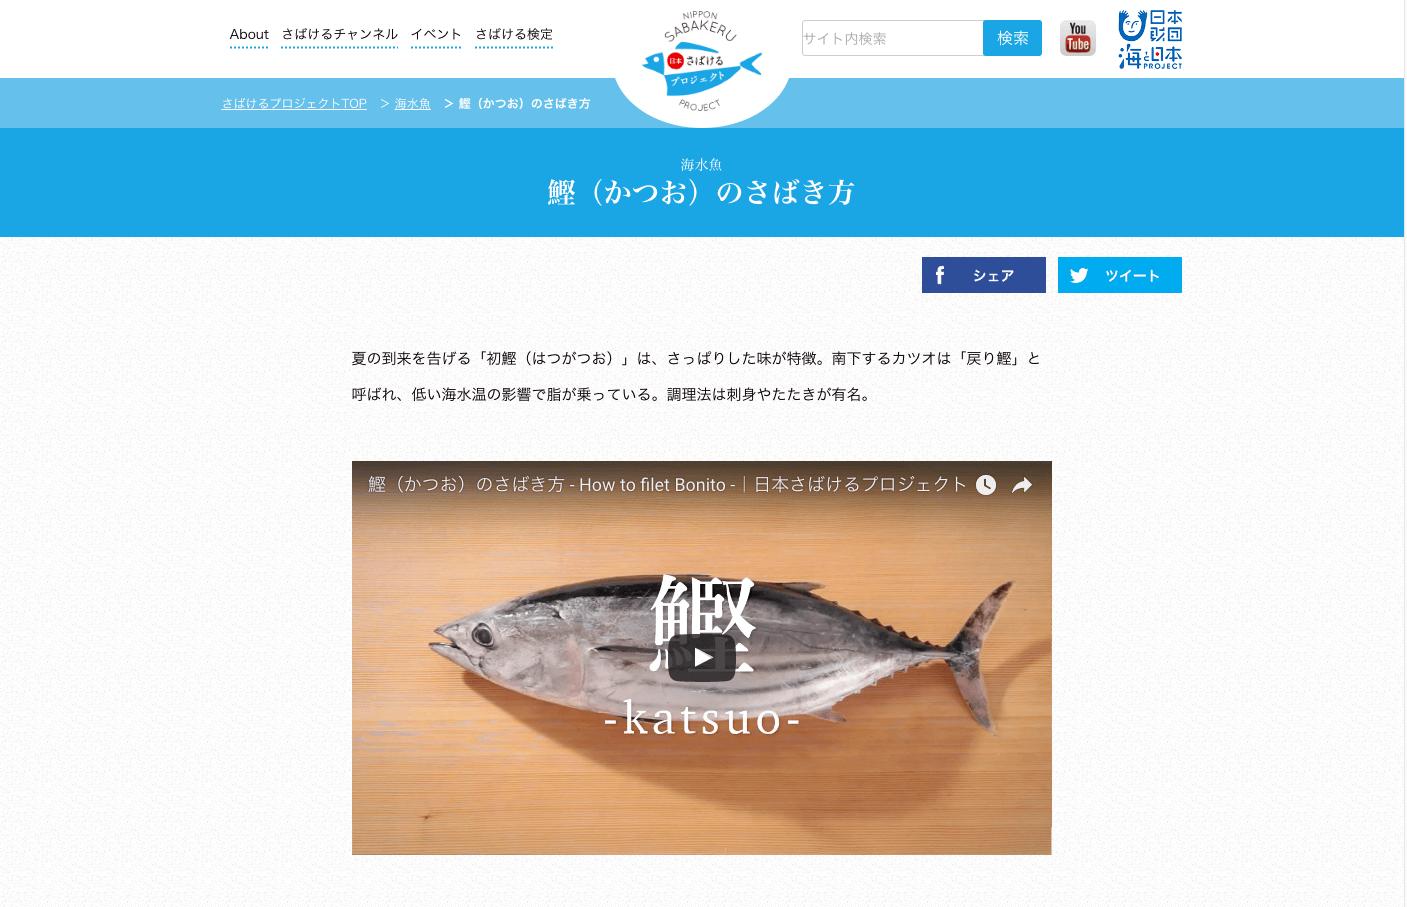 http://sabakeru.uminohi.jp/